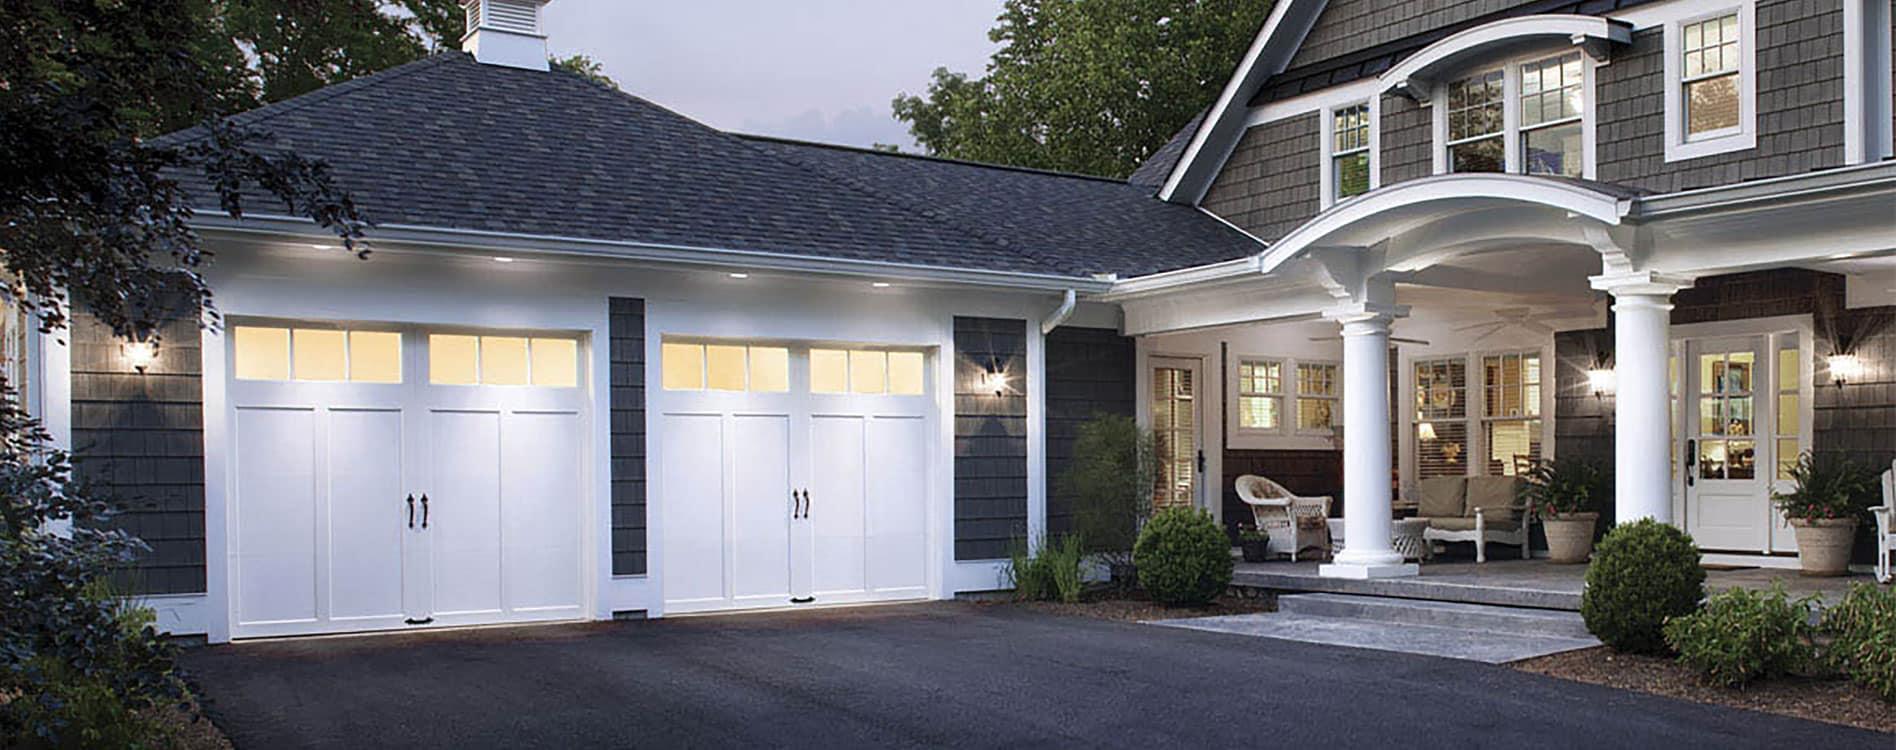 Garage Door Spring Repair OKC - We Offer Same Day Service on New Garage Door Springs  id=81596